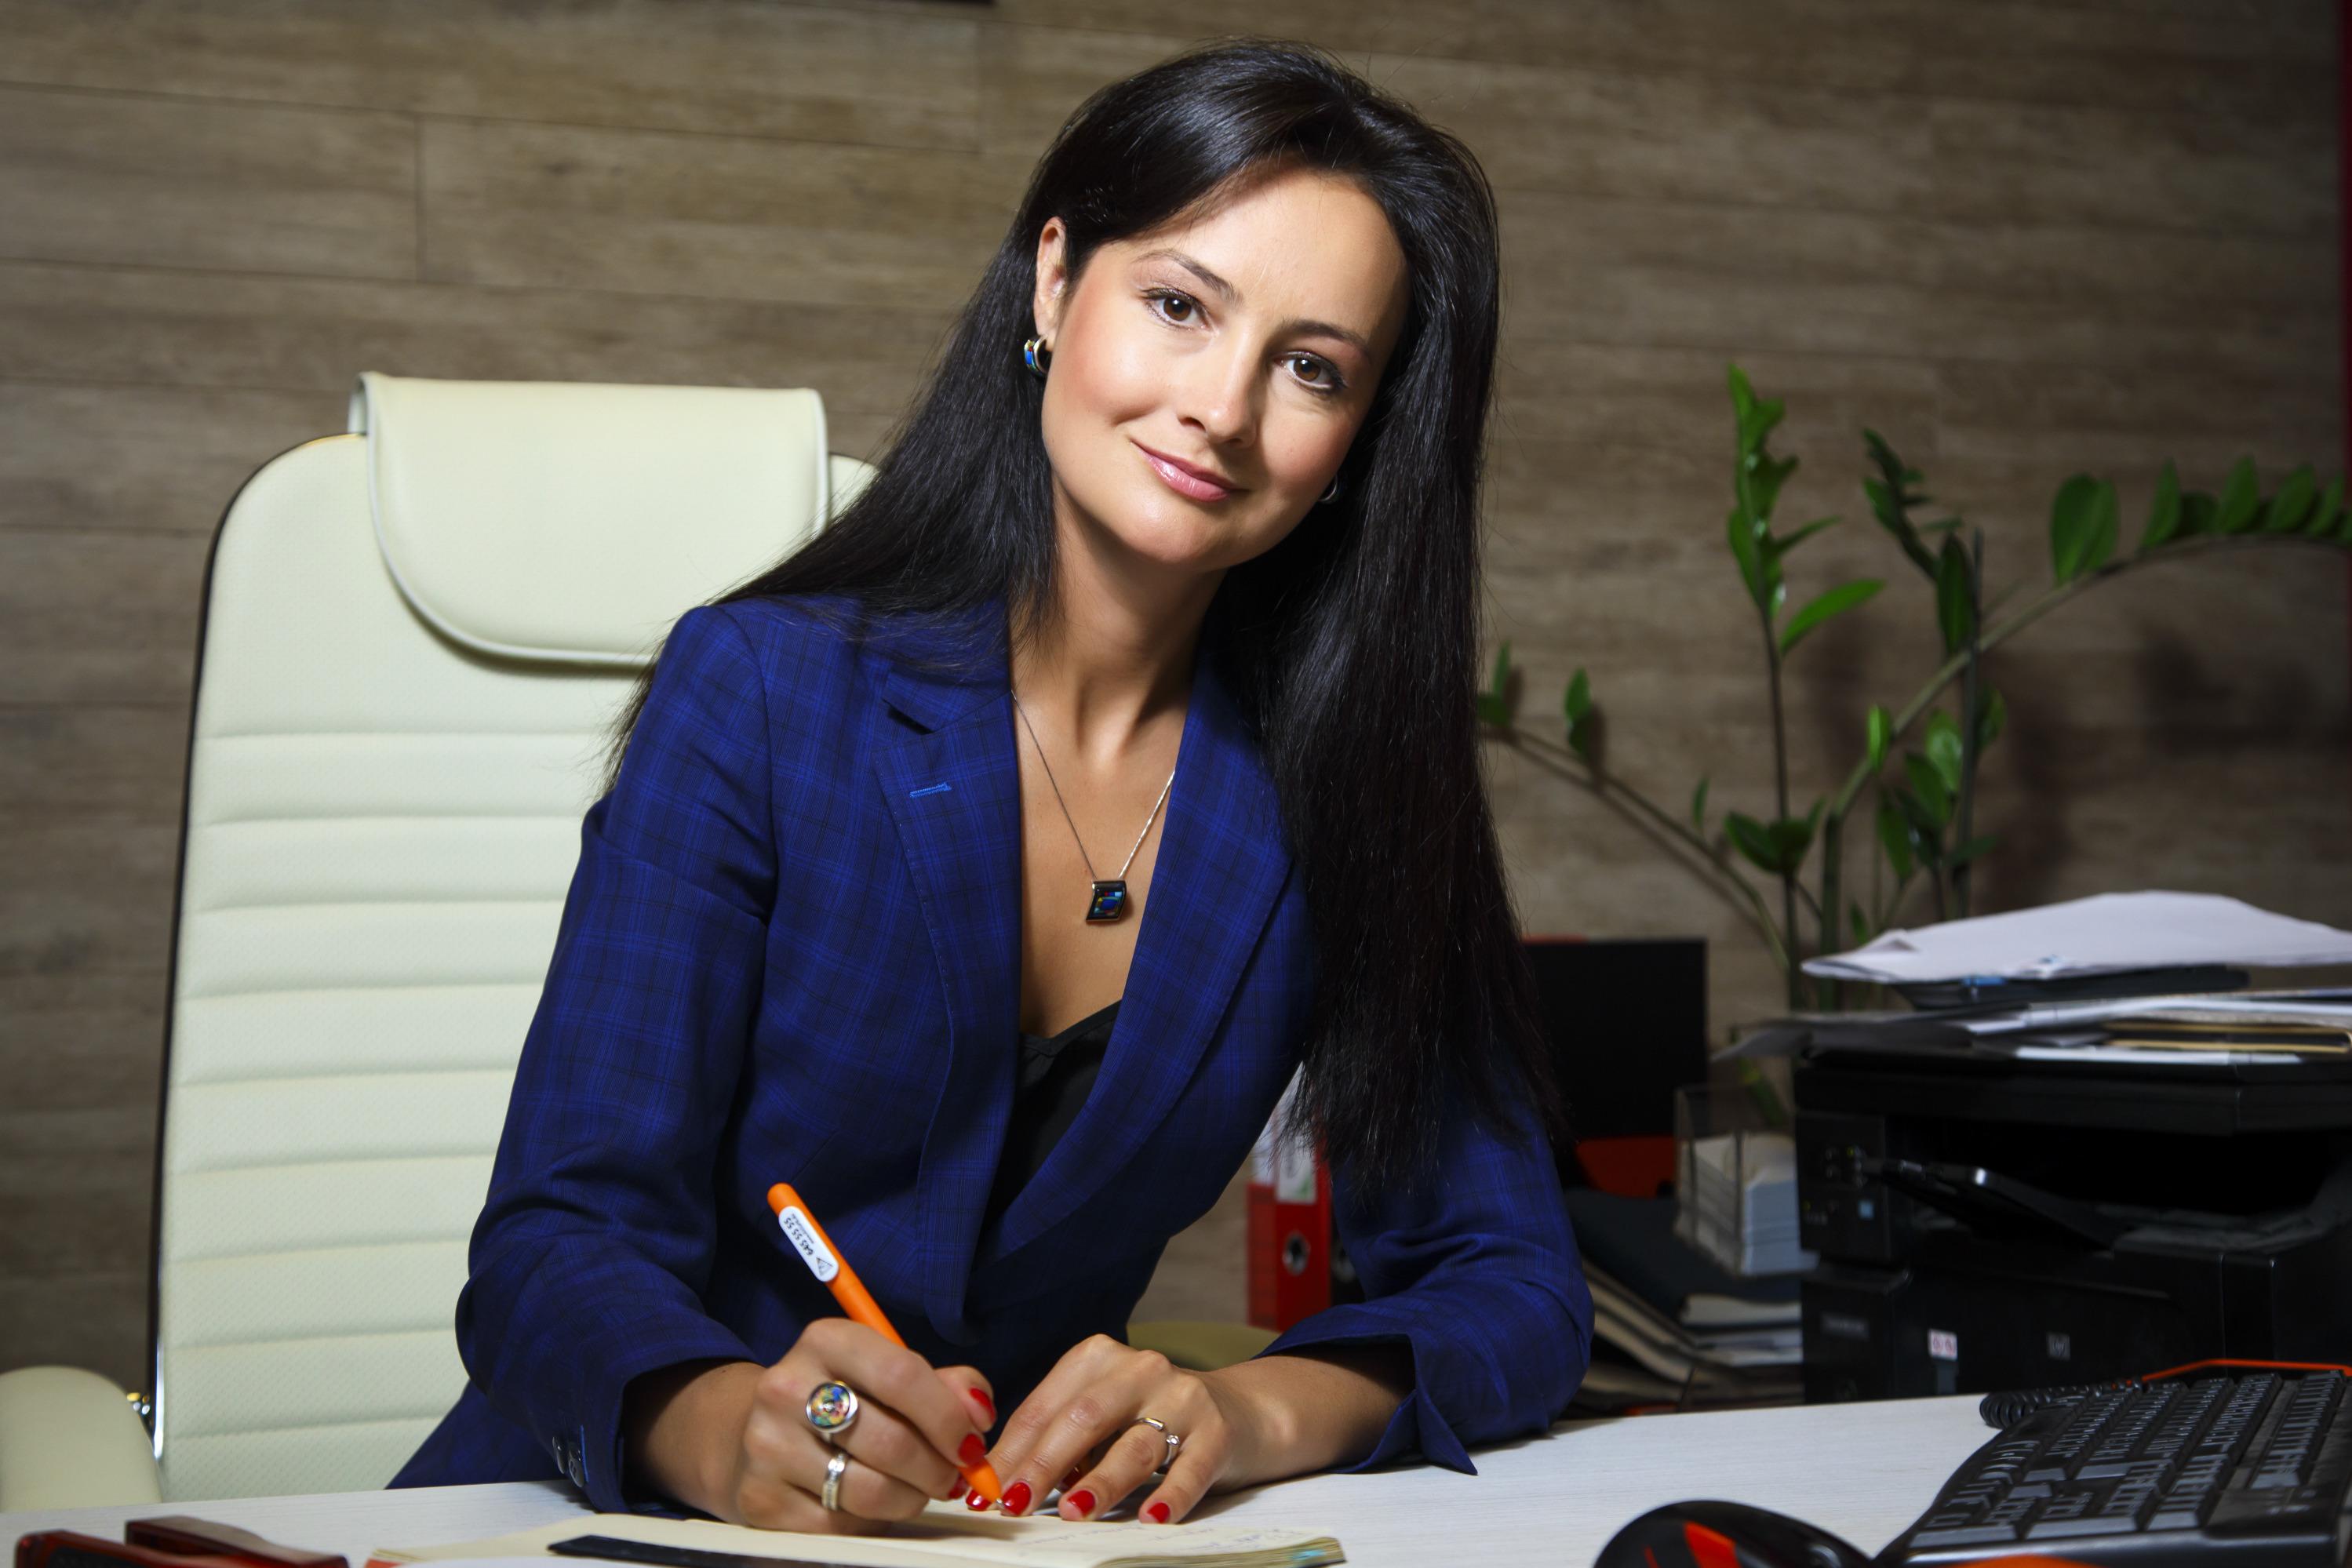 Генеральный директор агентства недвижимости ГК «КВС» Анжелика Альшаева